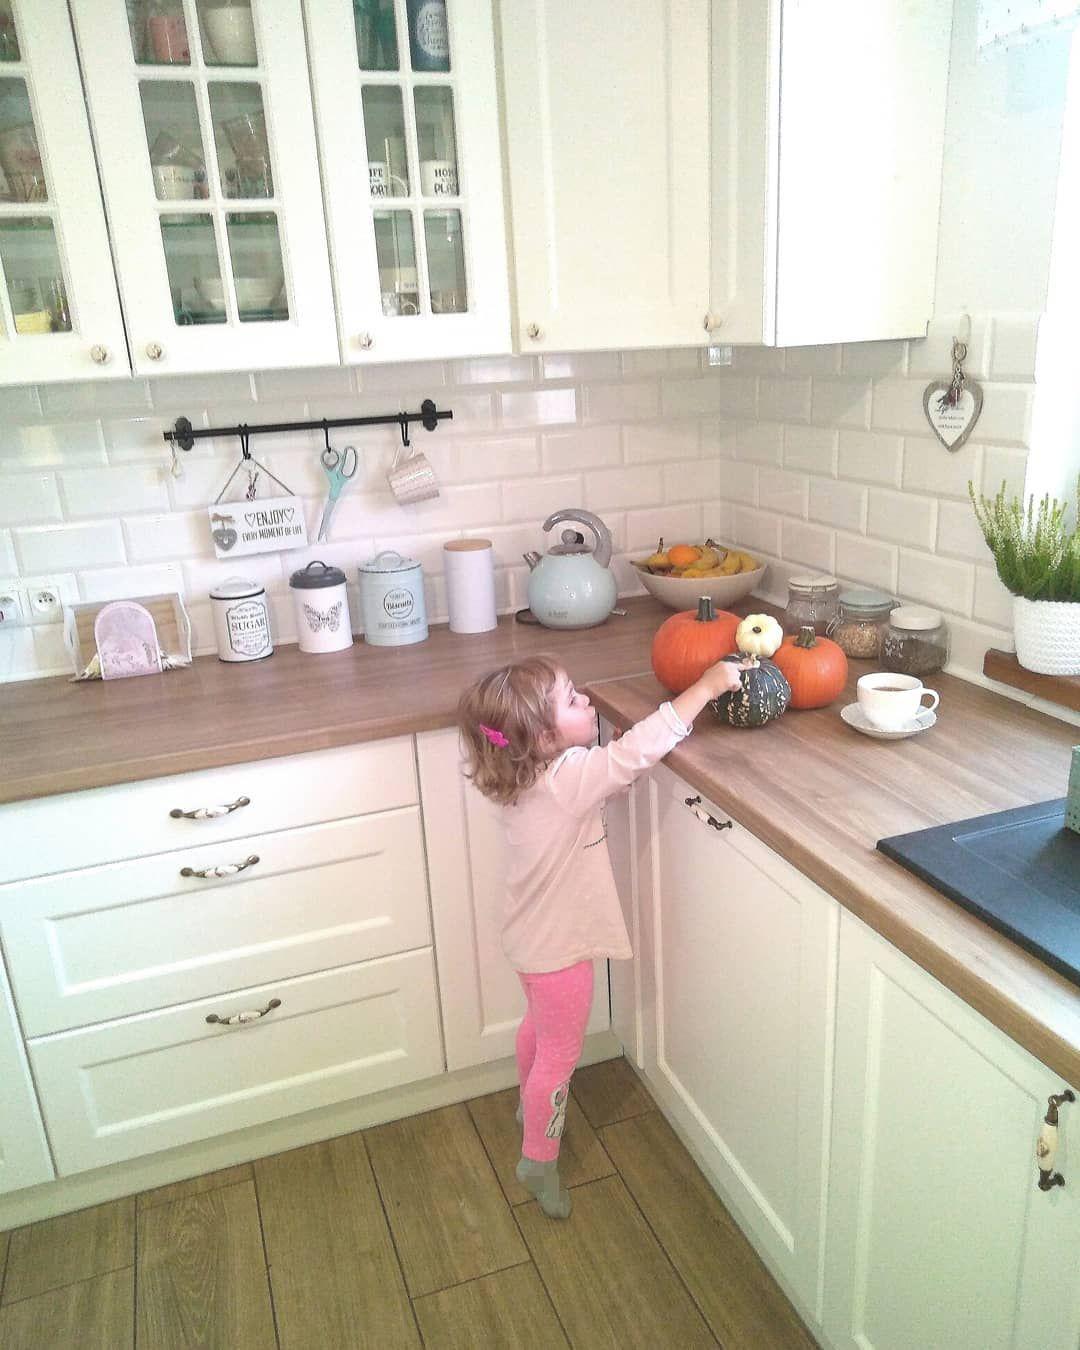 Mi Piace 666 Commenti 43 Joanna Joan And Roses Home Su Instagram Poniedzialkowe Dzien Dobry Pogoda Nadal Rozpieszcza Kitchen Decor Kitchen Decor